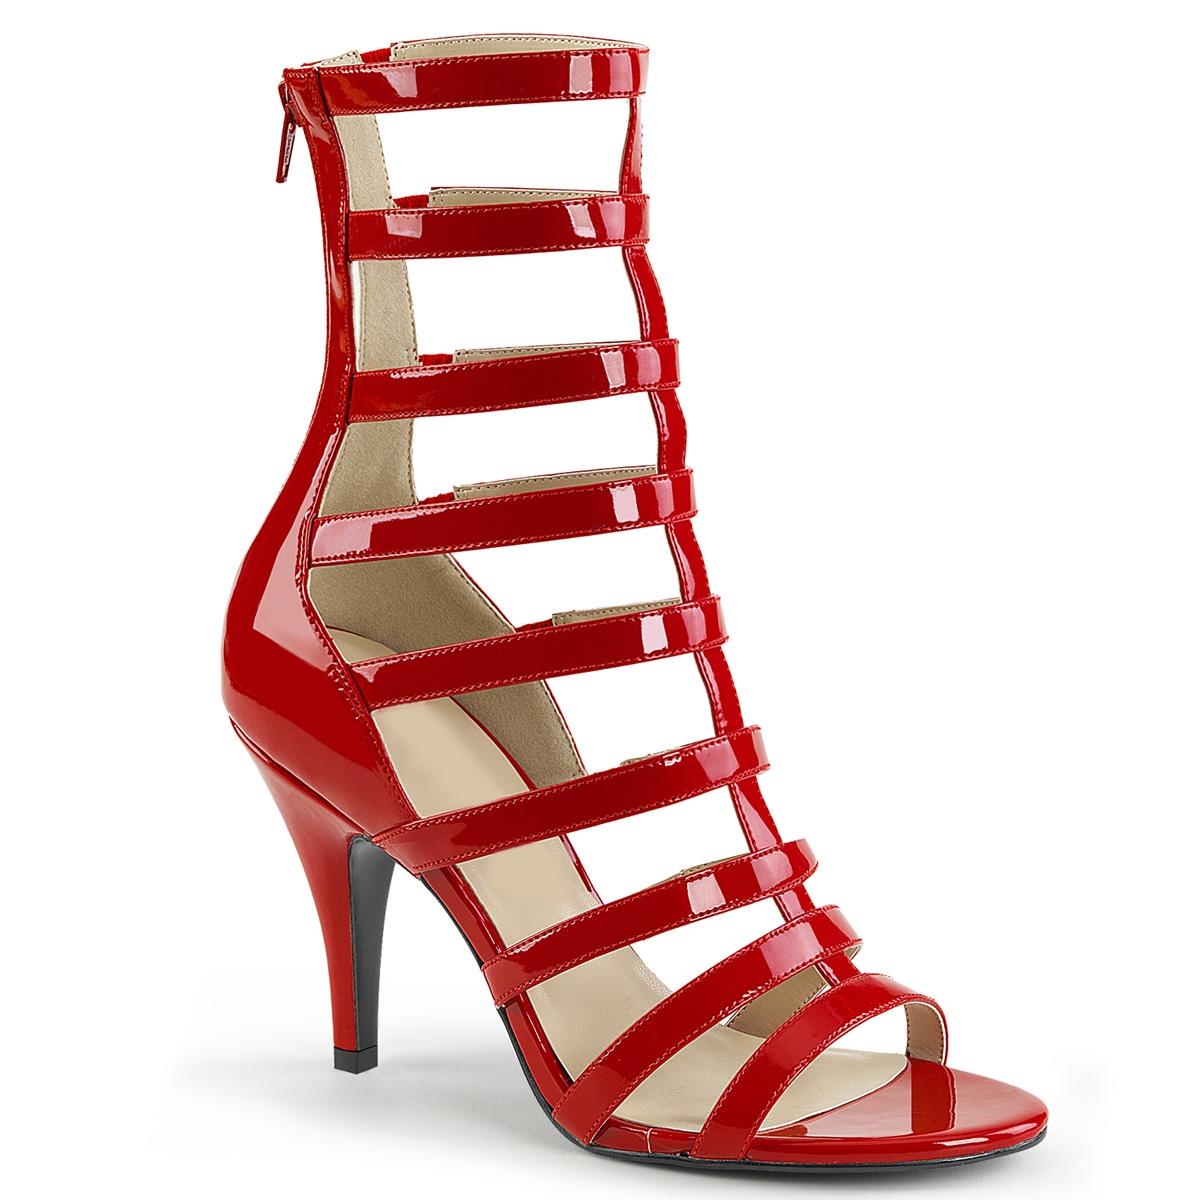 Rood lak Gladiator laars voor brede voet | Silhouette